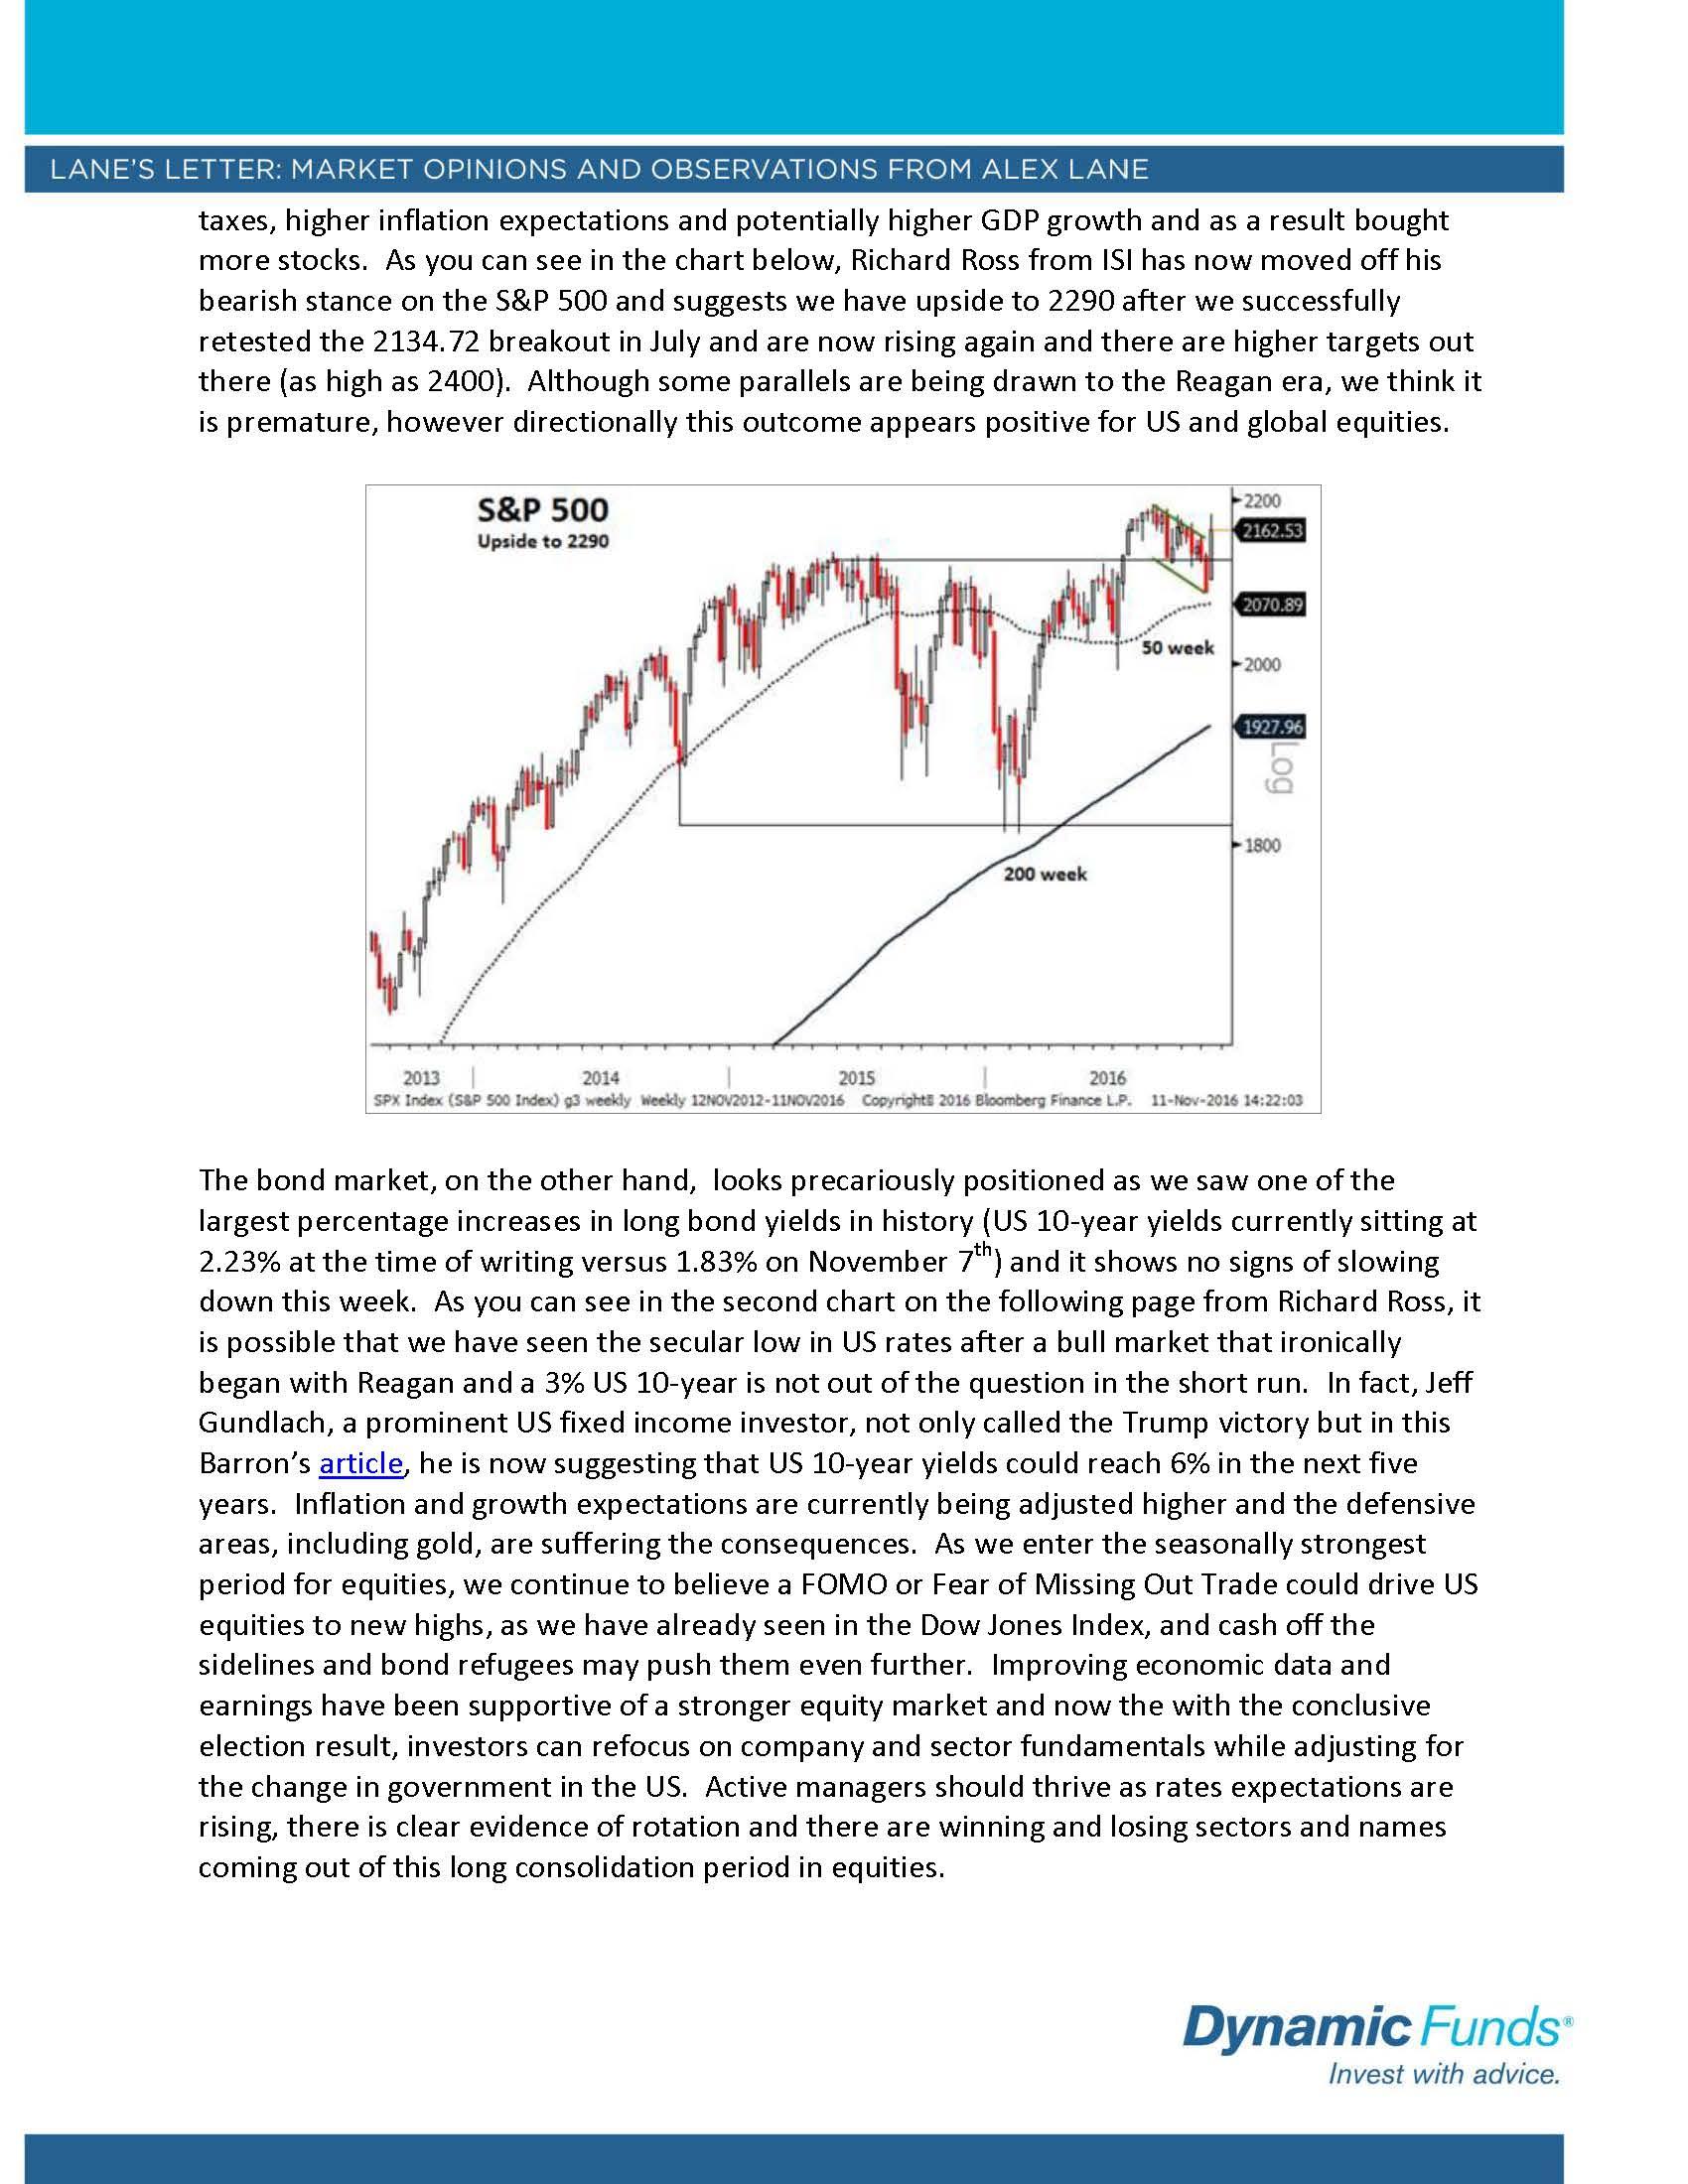 Lane's Letter Nov 14_Page_2.jpg